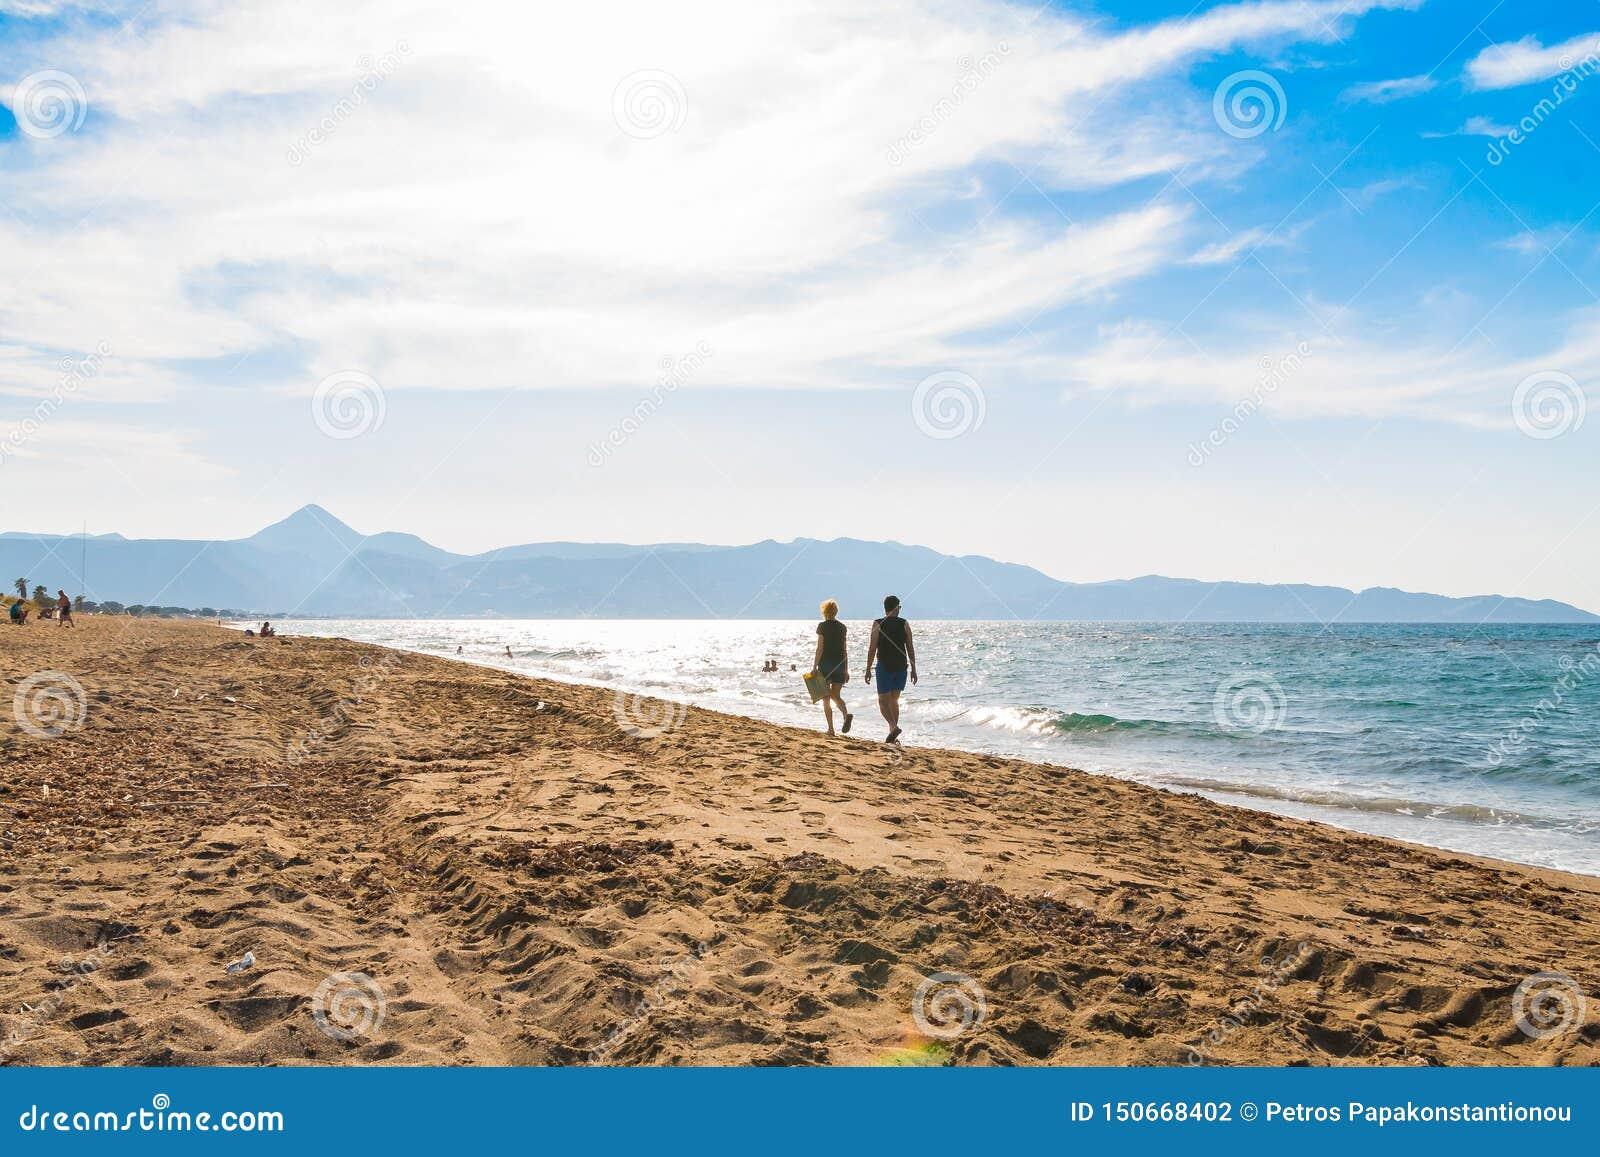 走在海滩的两人由横跨海岸好日子天空清晰步行的海